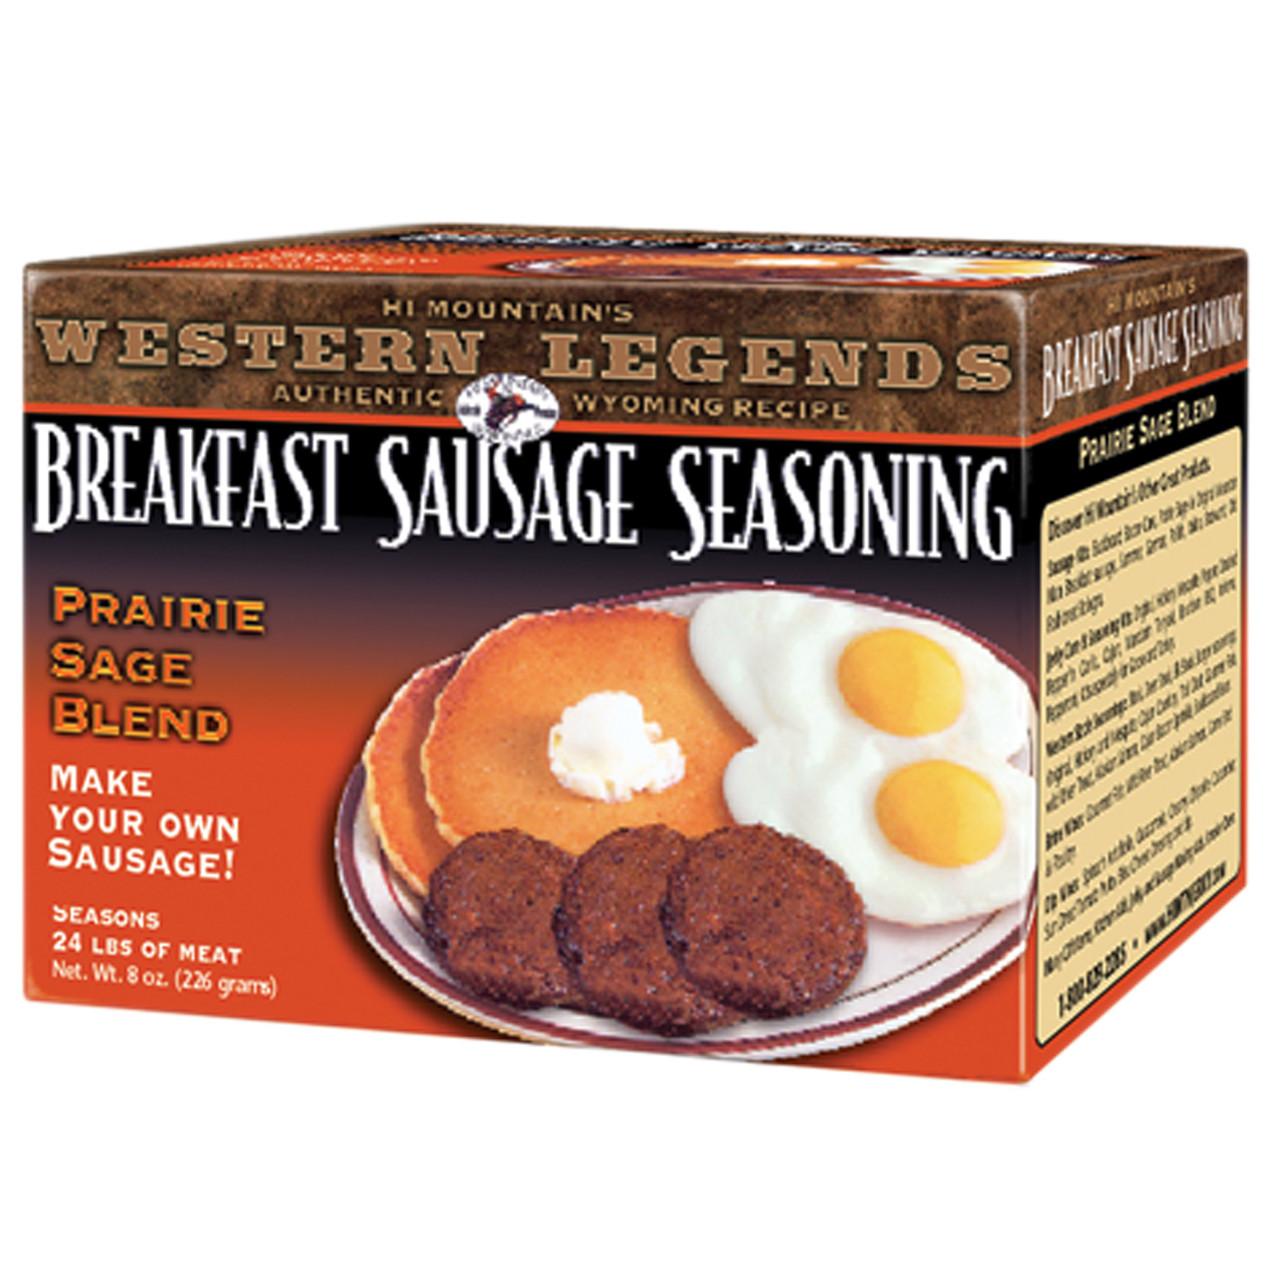 Prairie Sage Breakfast Sausage Seasoning